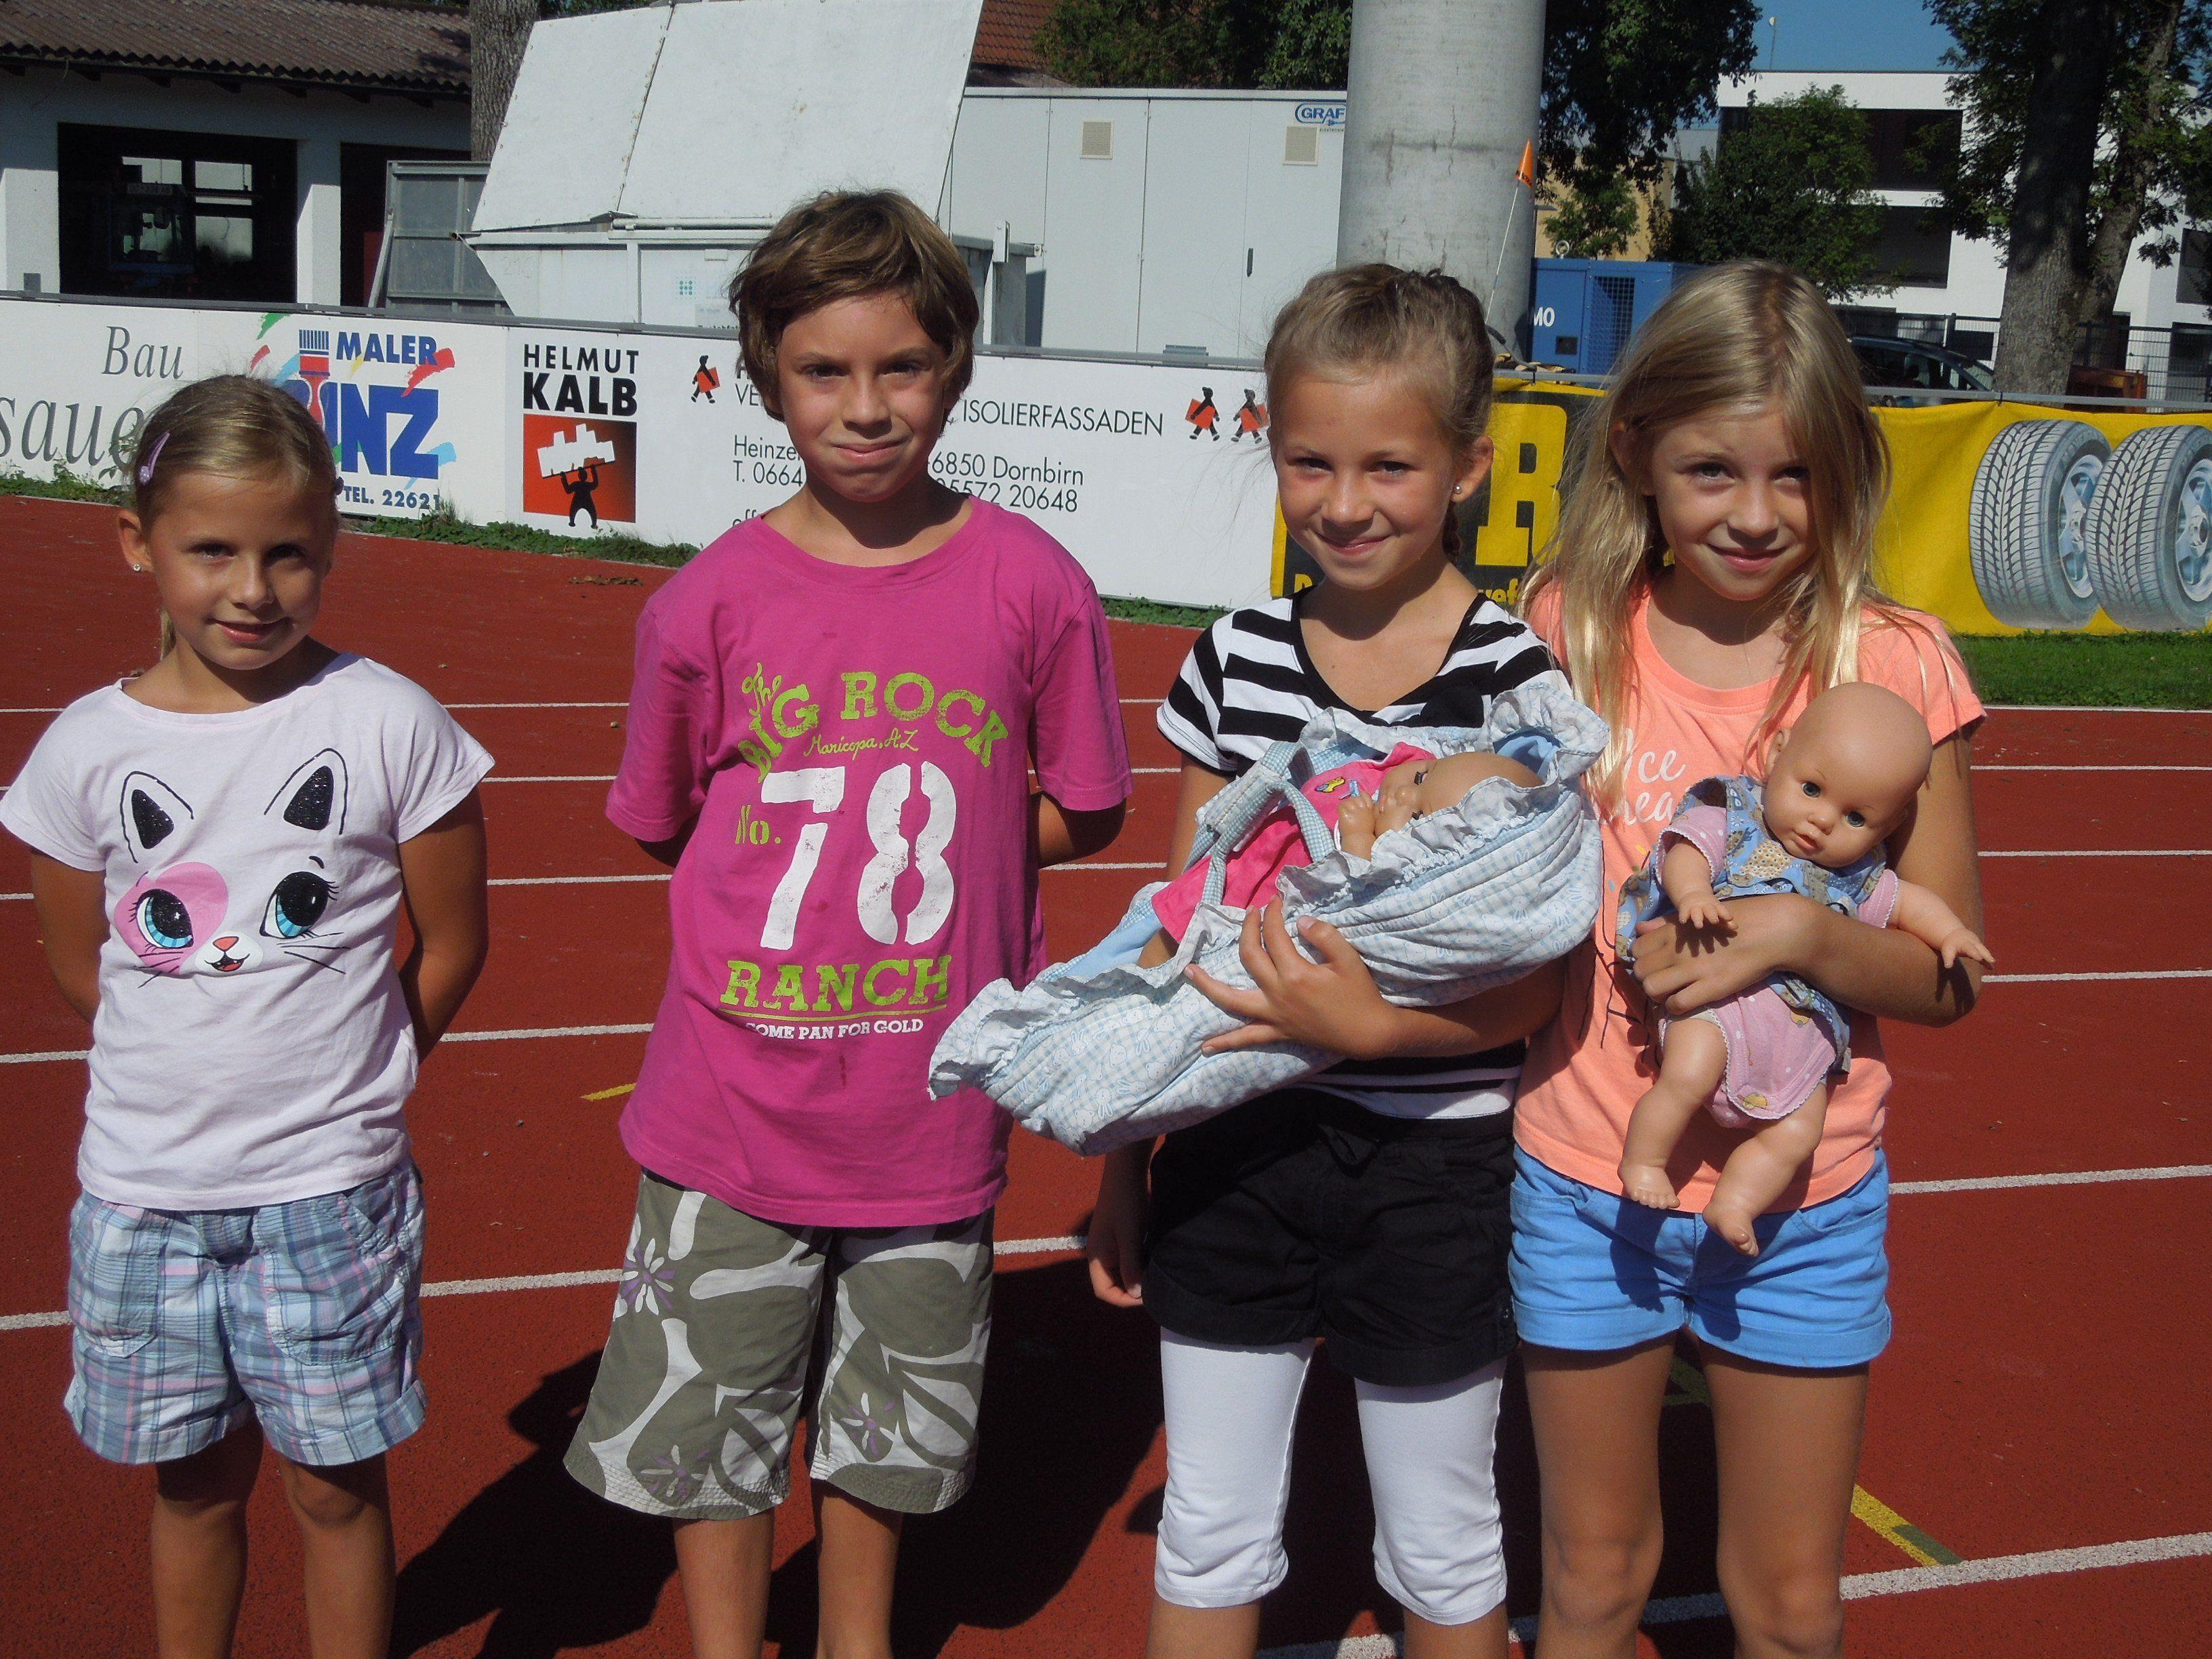 Beim kommenden Familiensonntag auf der Birkenwiese stehen Sport und Spaß für den Nachwuchs im Mittelpunkt.